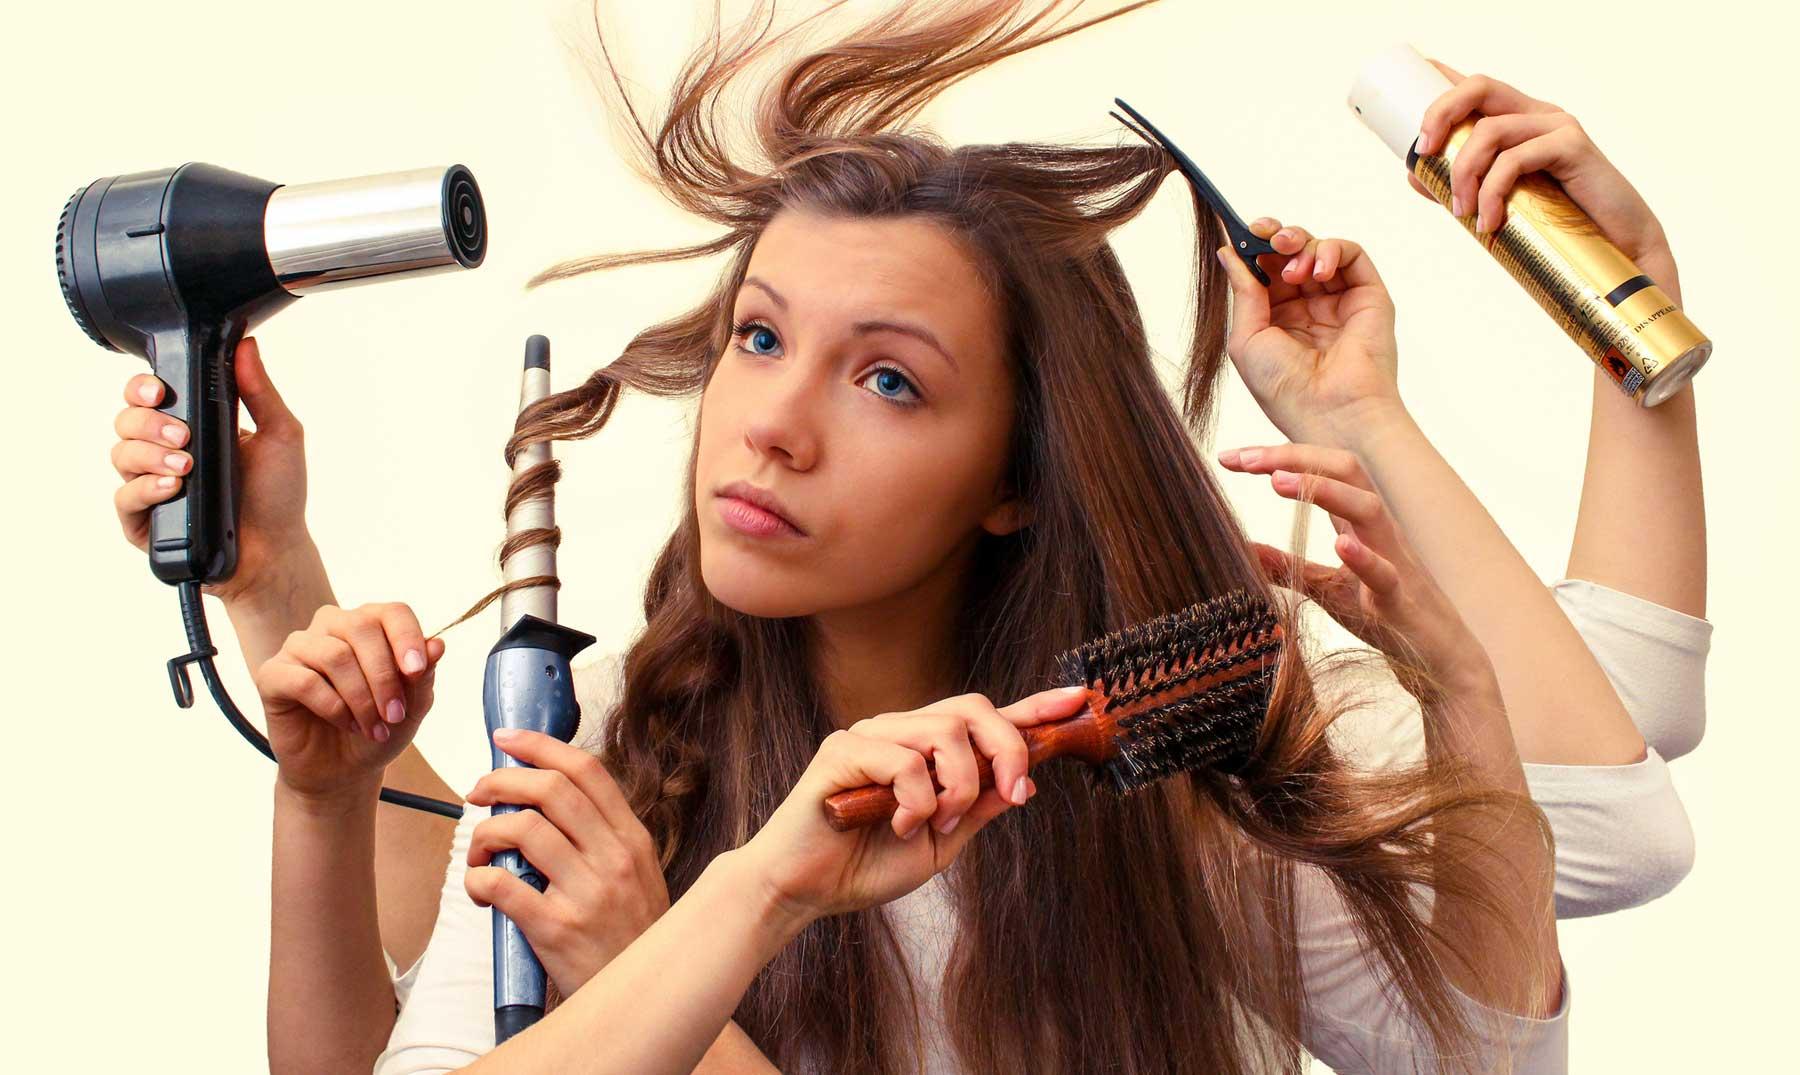 7 asombrosas utilidades de un secador de pelo supercurioso - Secador de pelo ...